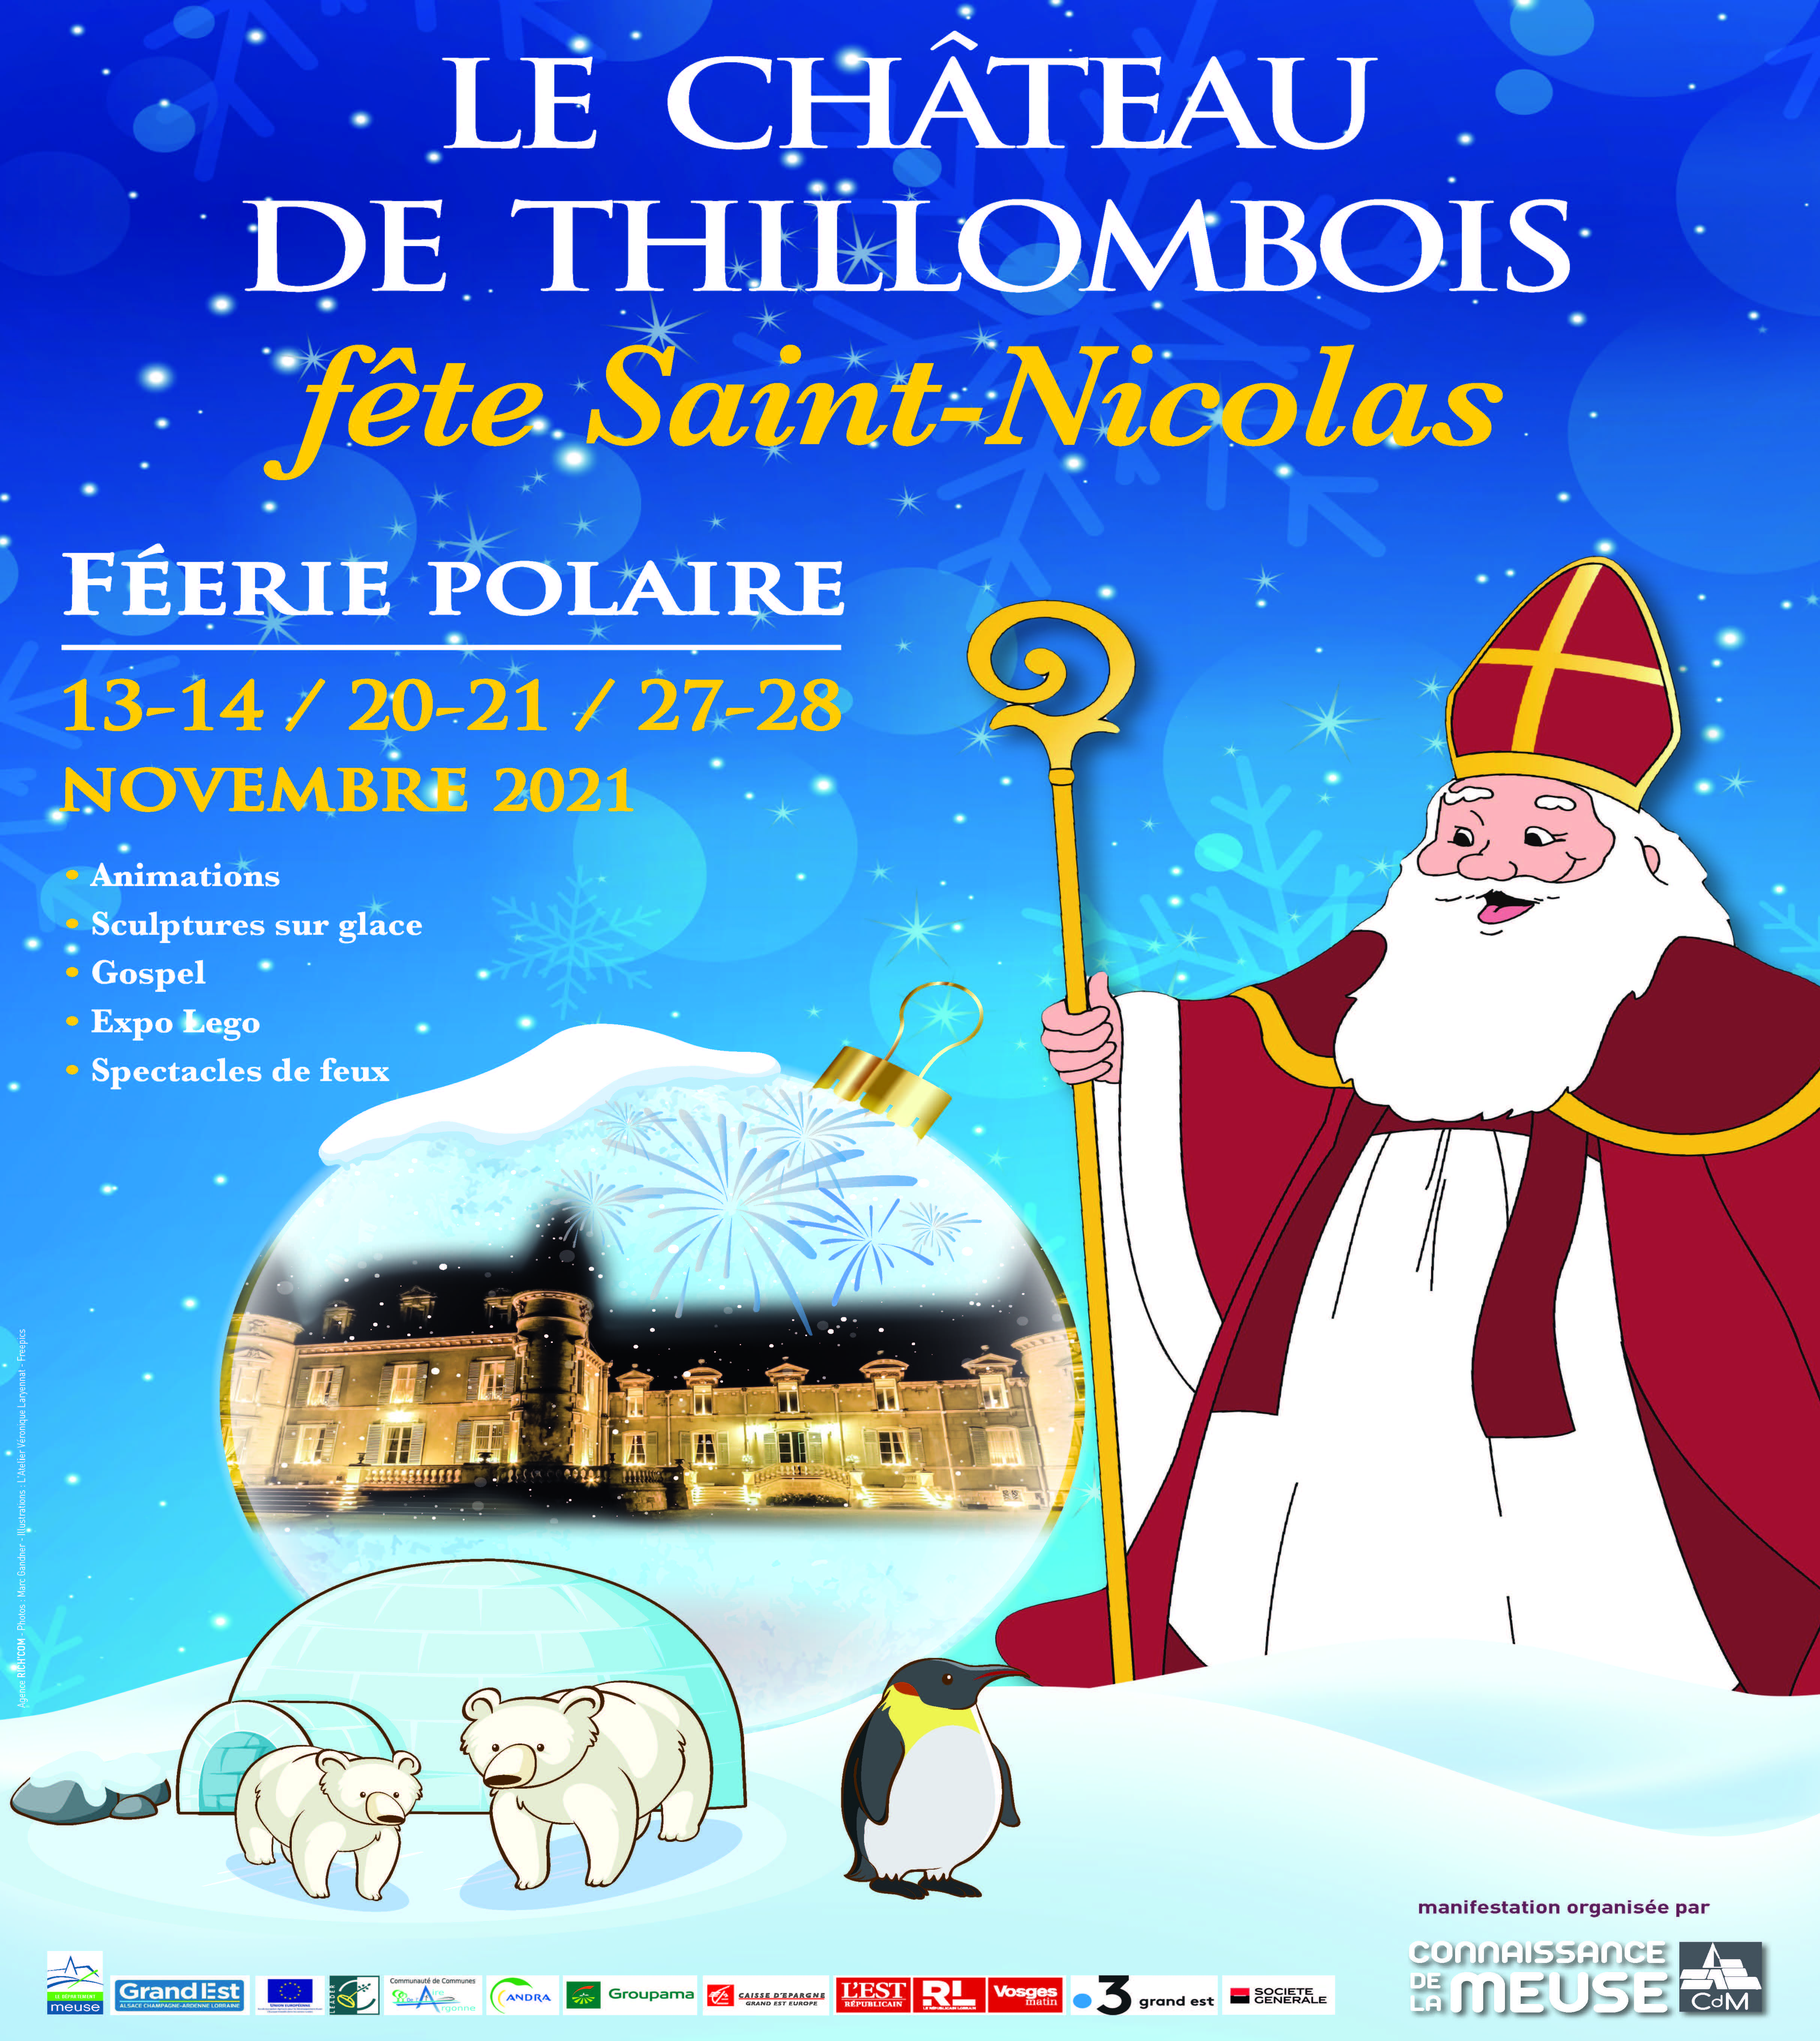 St Nicolas en novembre 2021 au château de Thillombois